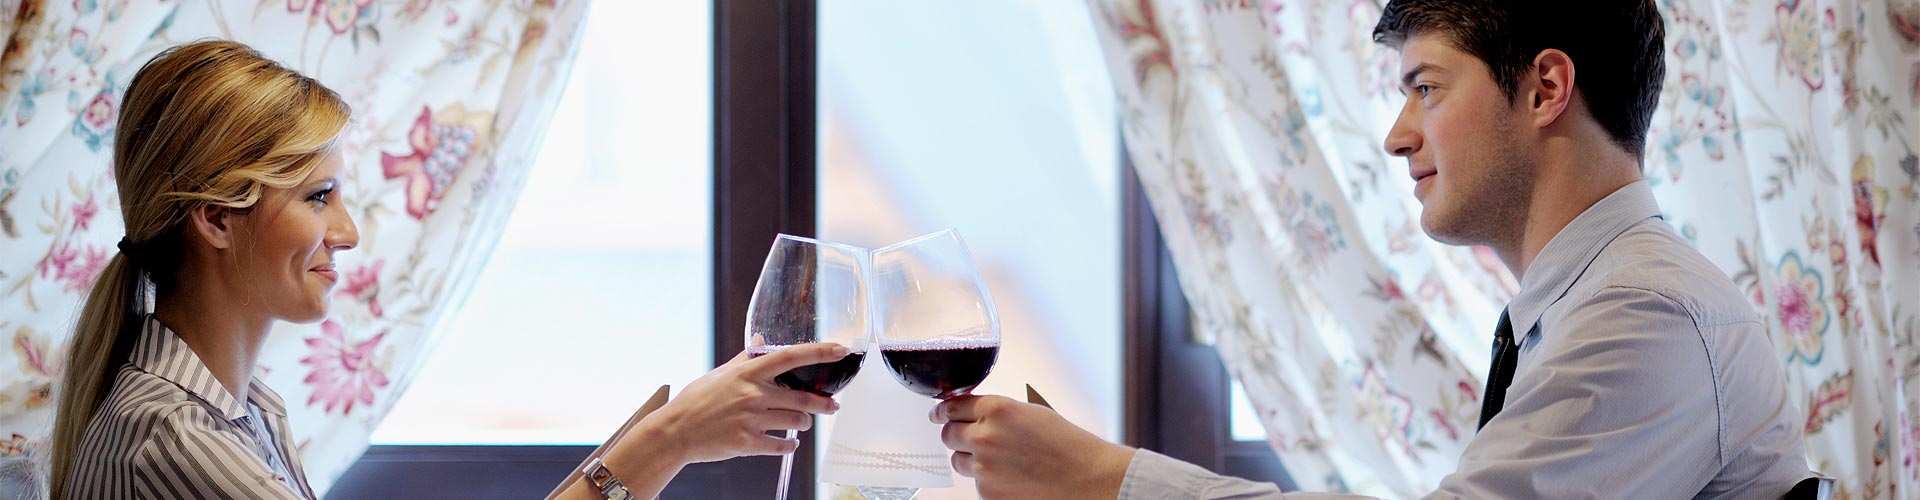 restaurante romantico san valentin en restaurantes de El Palmar